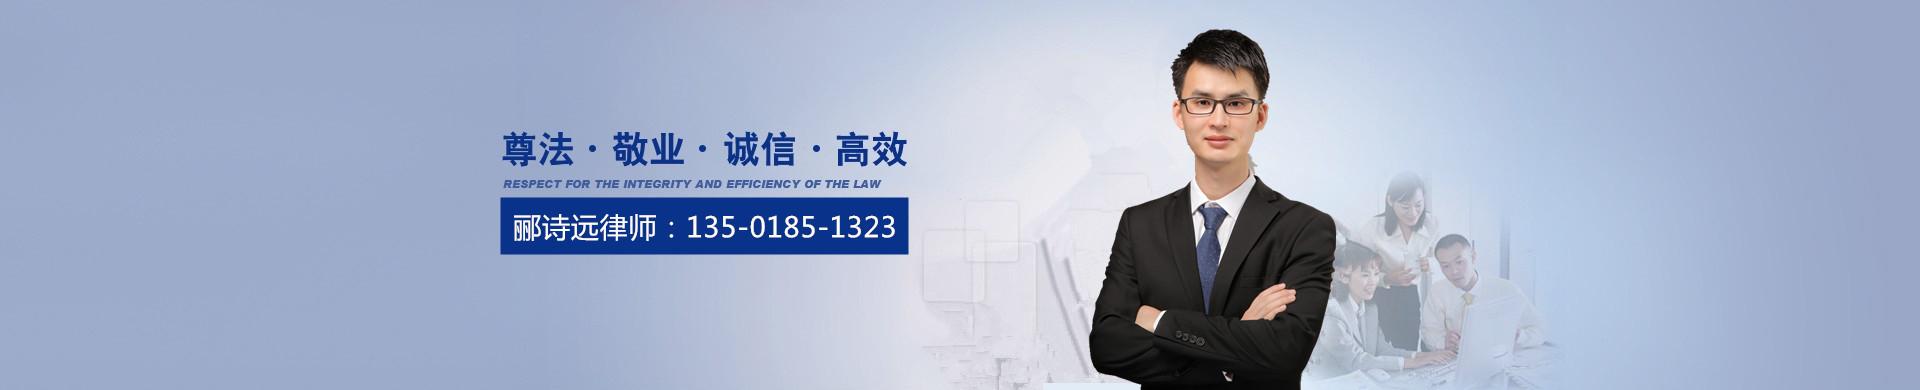 上海知识产权律师大图一